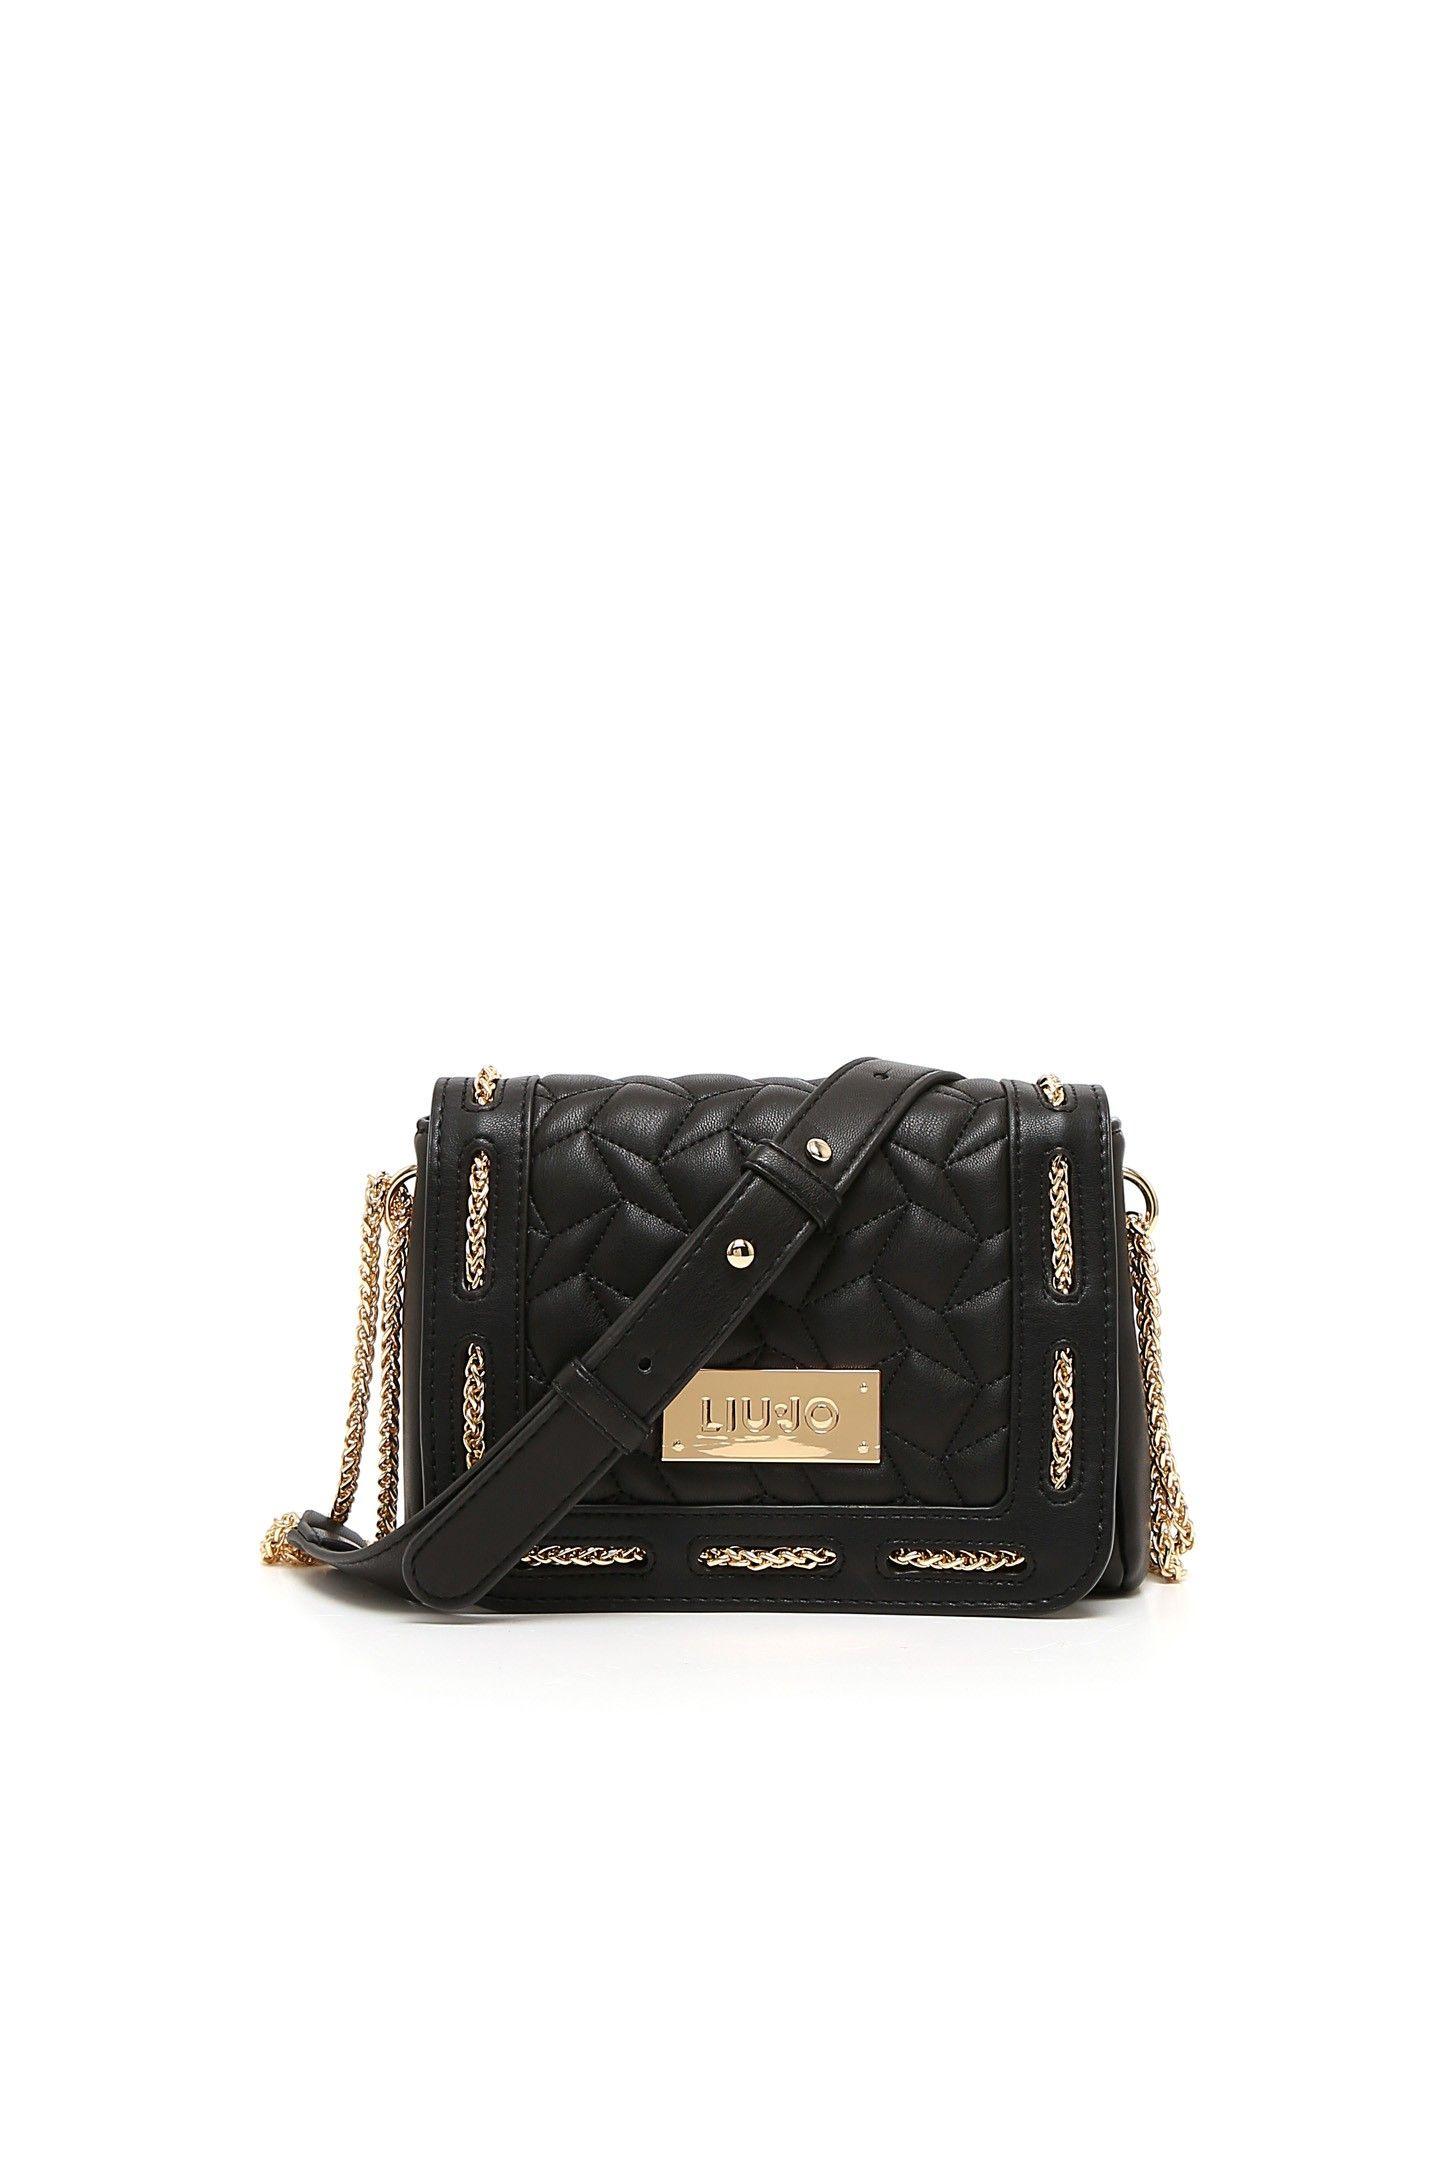 e6a69b83e289 Liu Jo - Crossbody Bags -  ANNA  SMALL CROSSBODY BAG